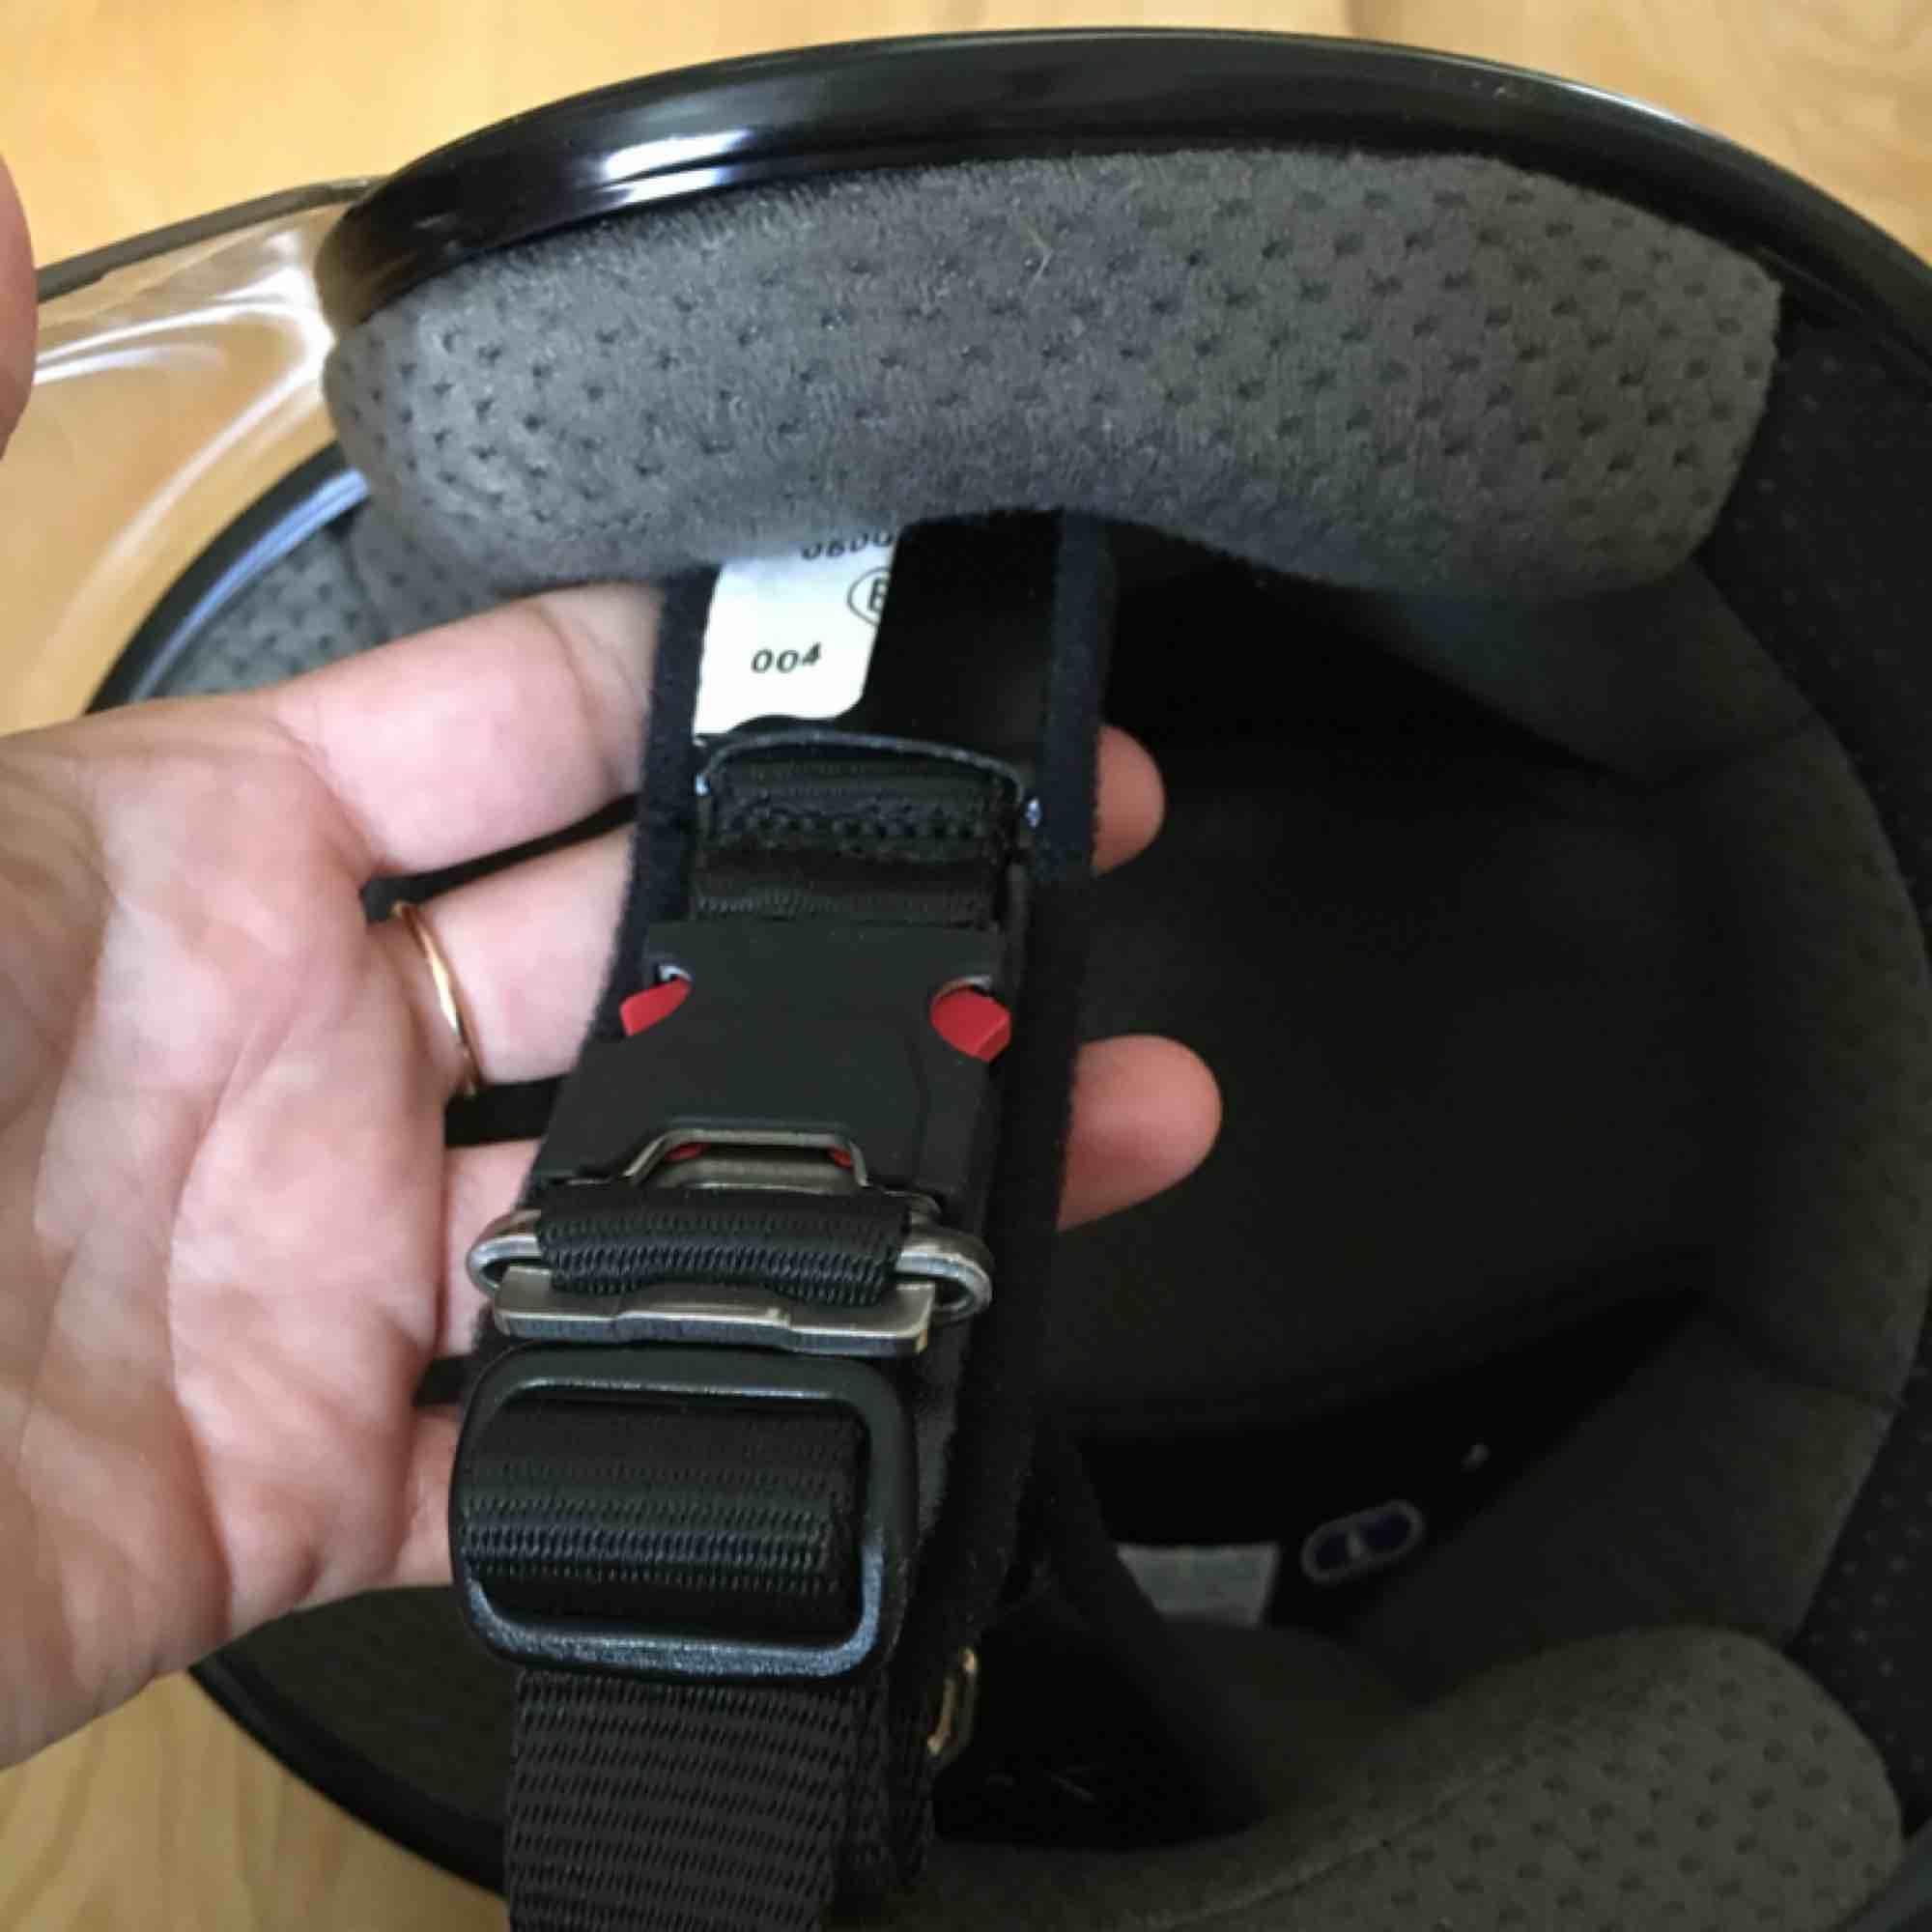 MC-Hjälm Shoei J-Wing Plain svart  CE-godkänd E22:05. Hakspänne med dubbla D-ringar. Klart imfritt pinlockvisir (CJ-1) som låses i stängt läge för att inte vibrera i höga farter.  VIKT: 1290 +/- 50 gr i stlk L  Väska till . Övrigt.